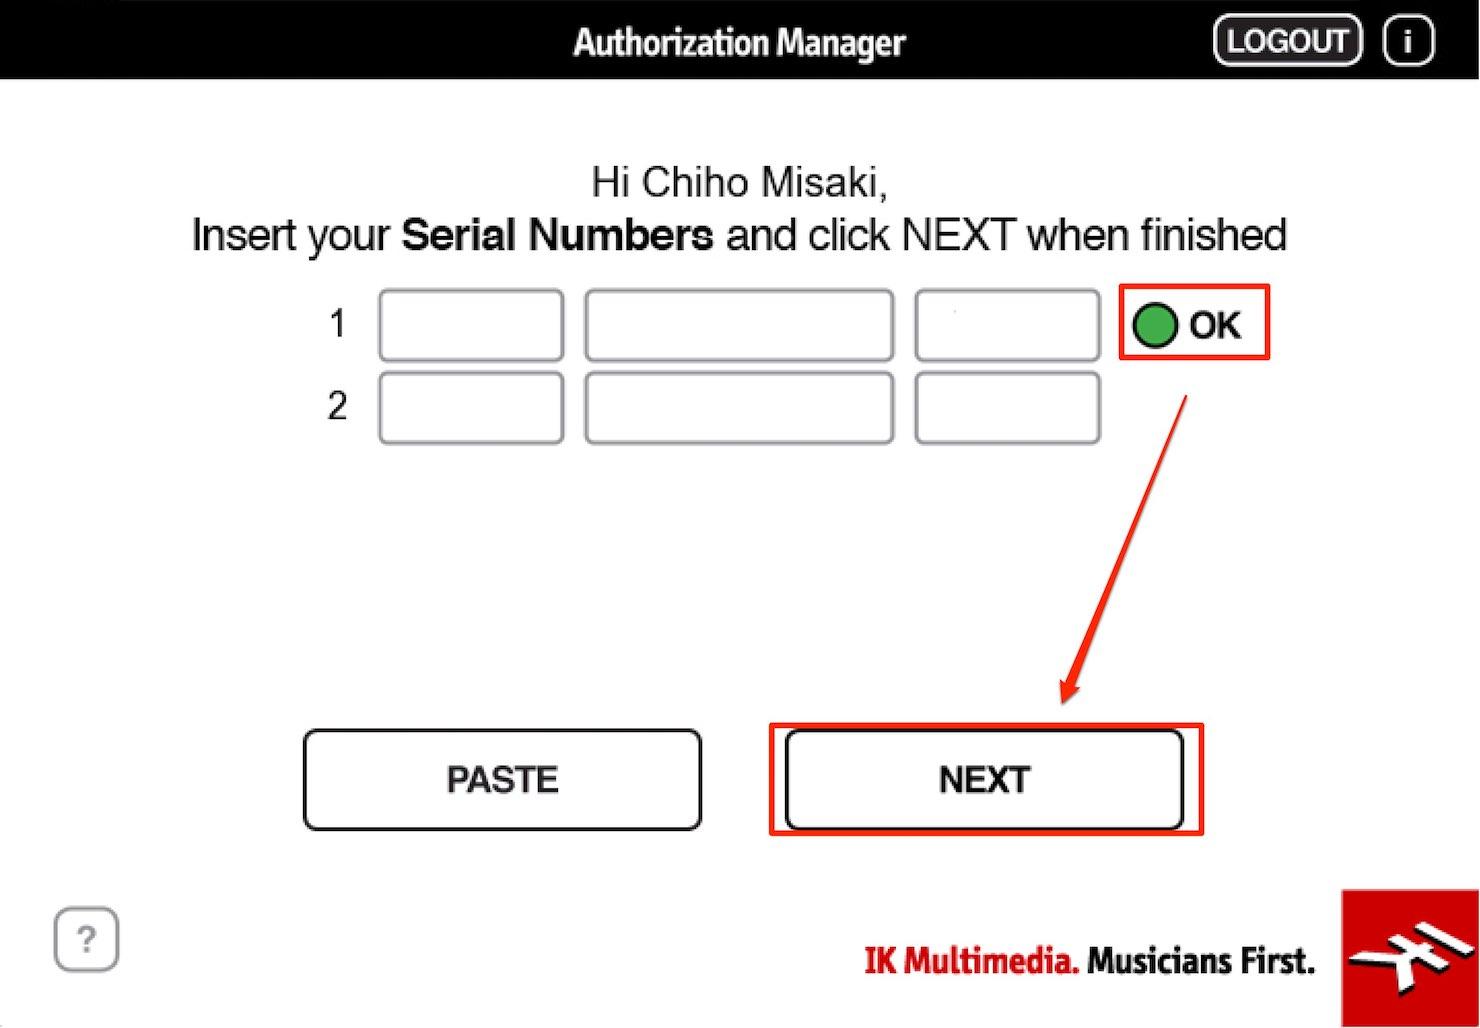 Authorization Manager-1